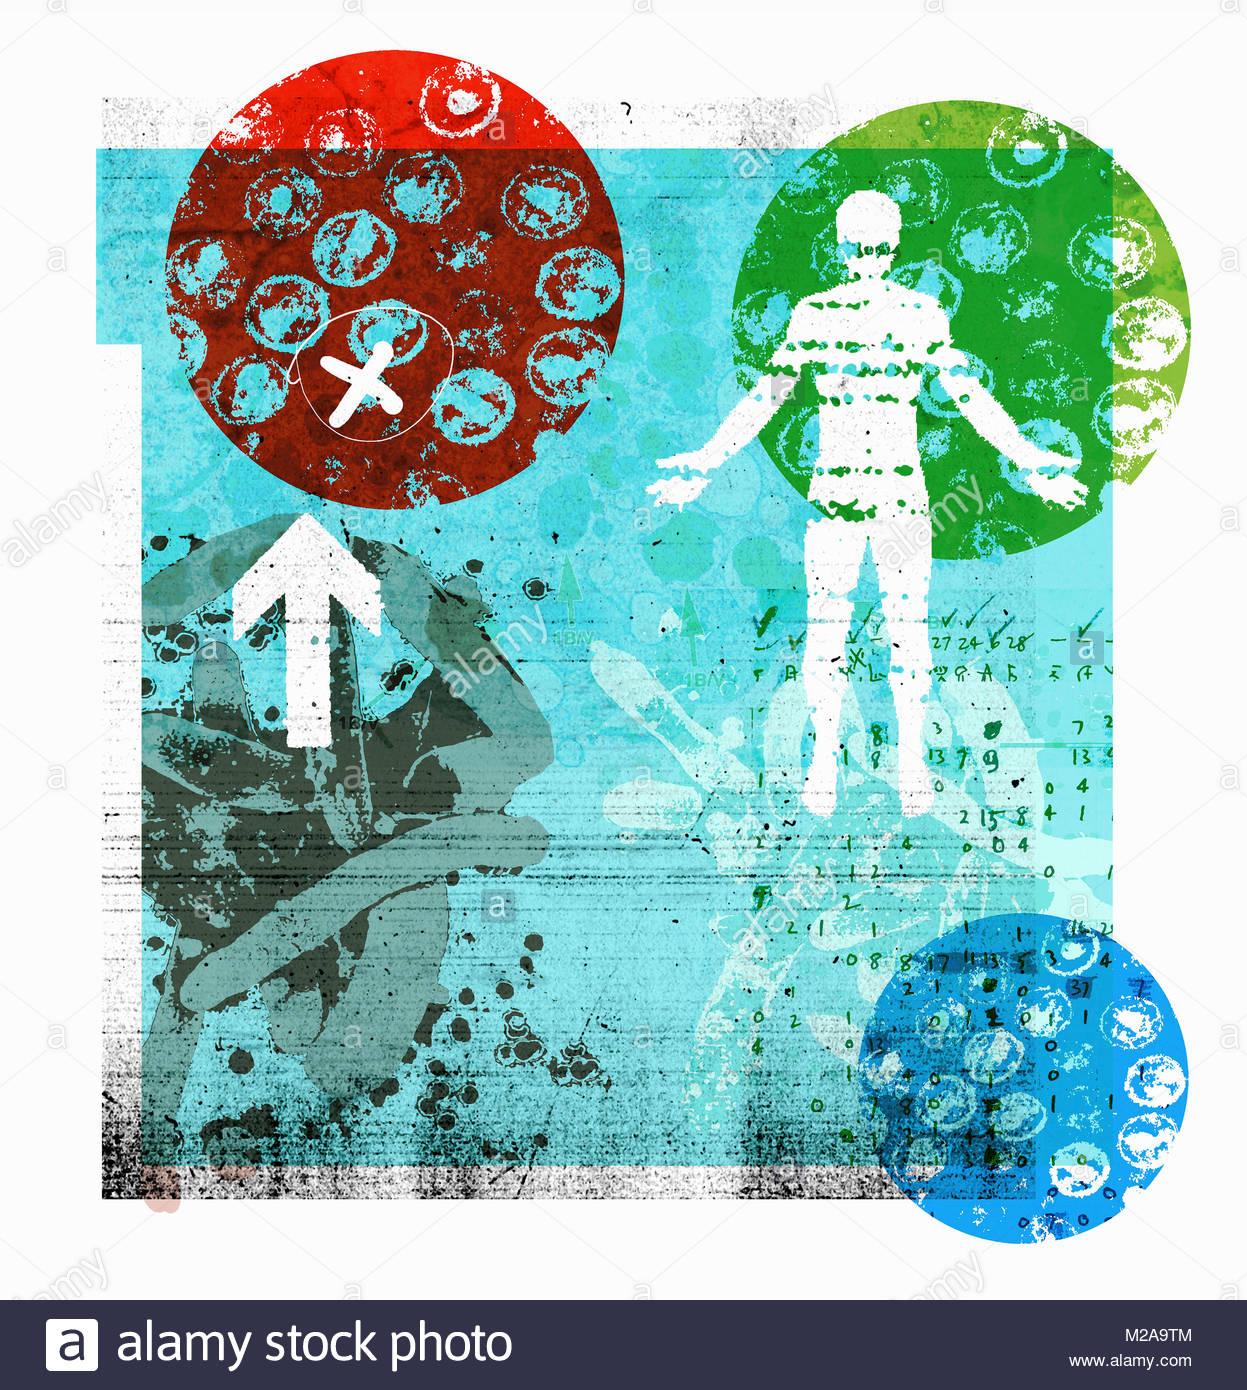 Bakterien in der Petrischale in der medizinischen Forschung collage Stockbild